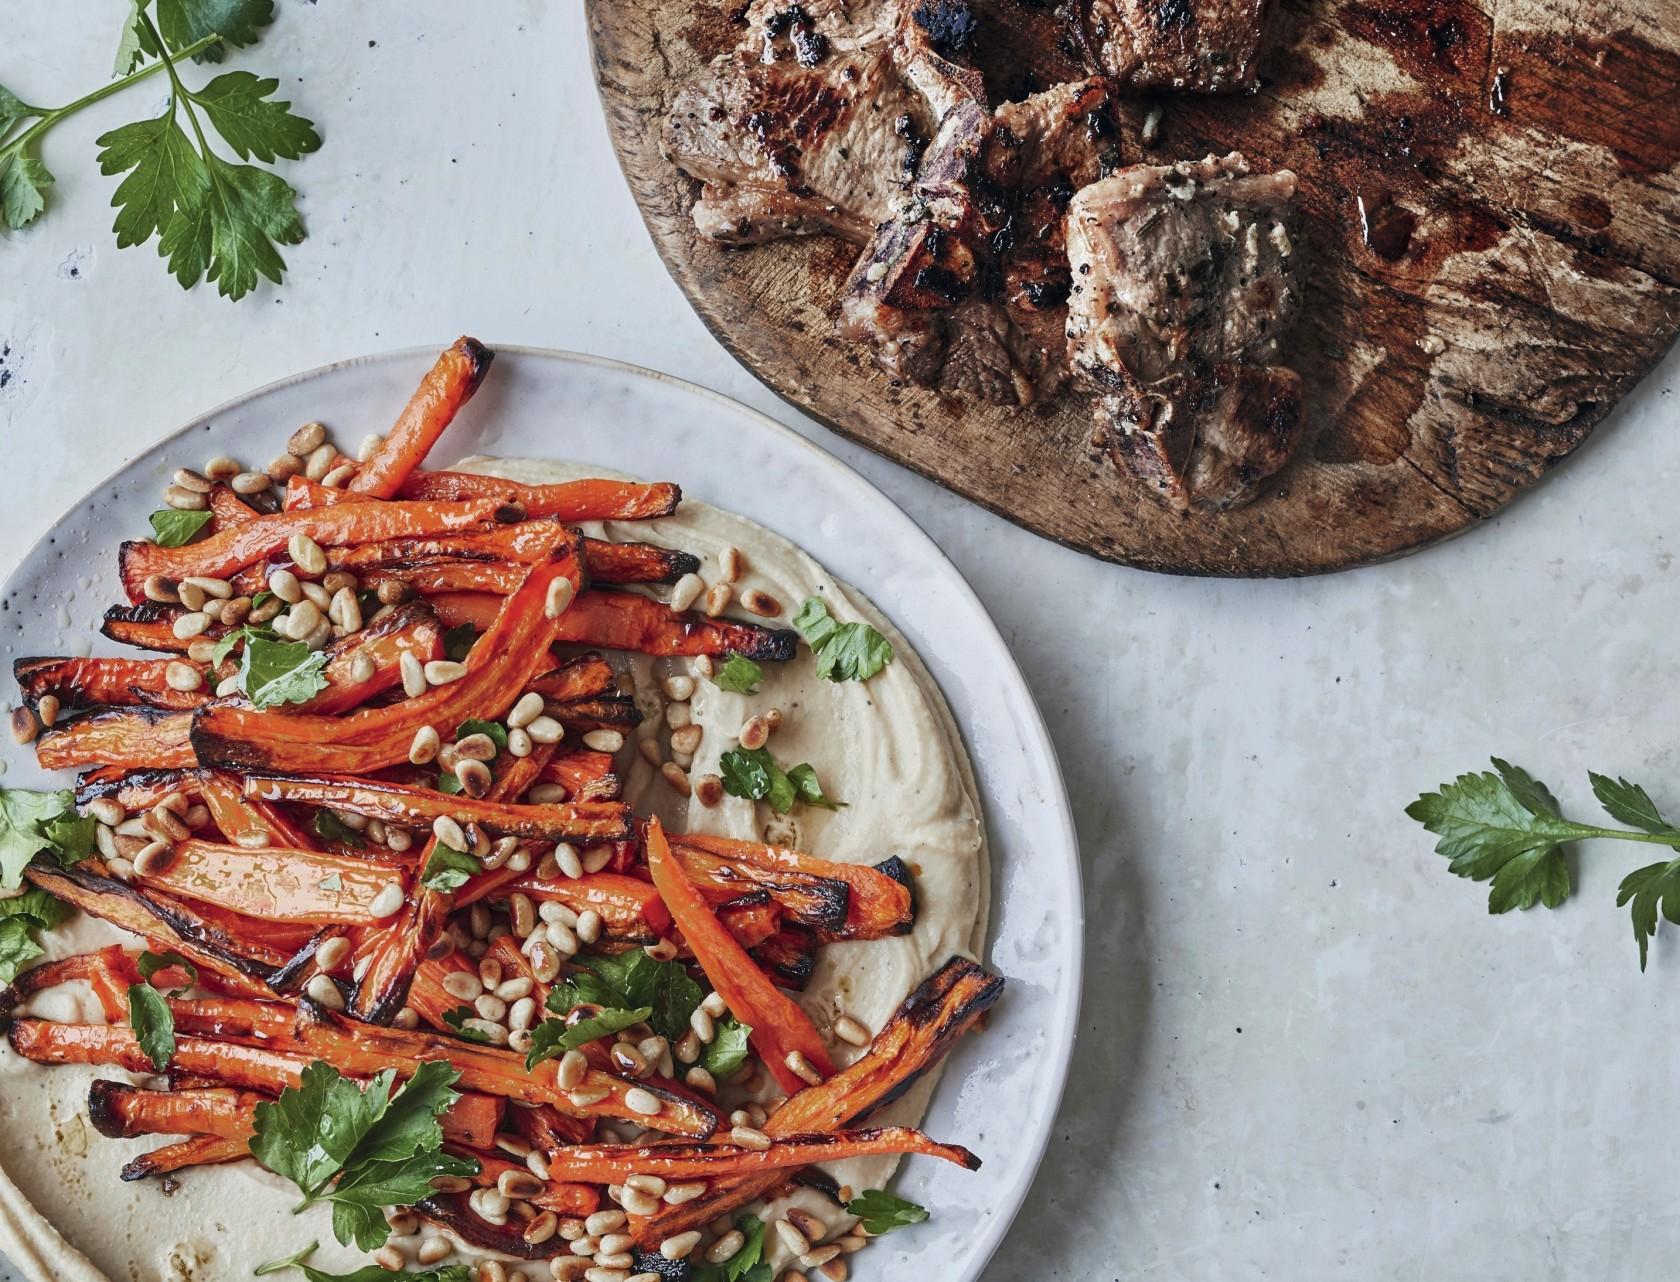 Lammekoteletter med dip og ristet gulerodssalat - virkelig god opskrift!